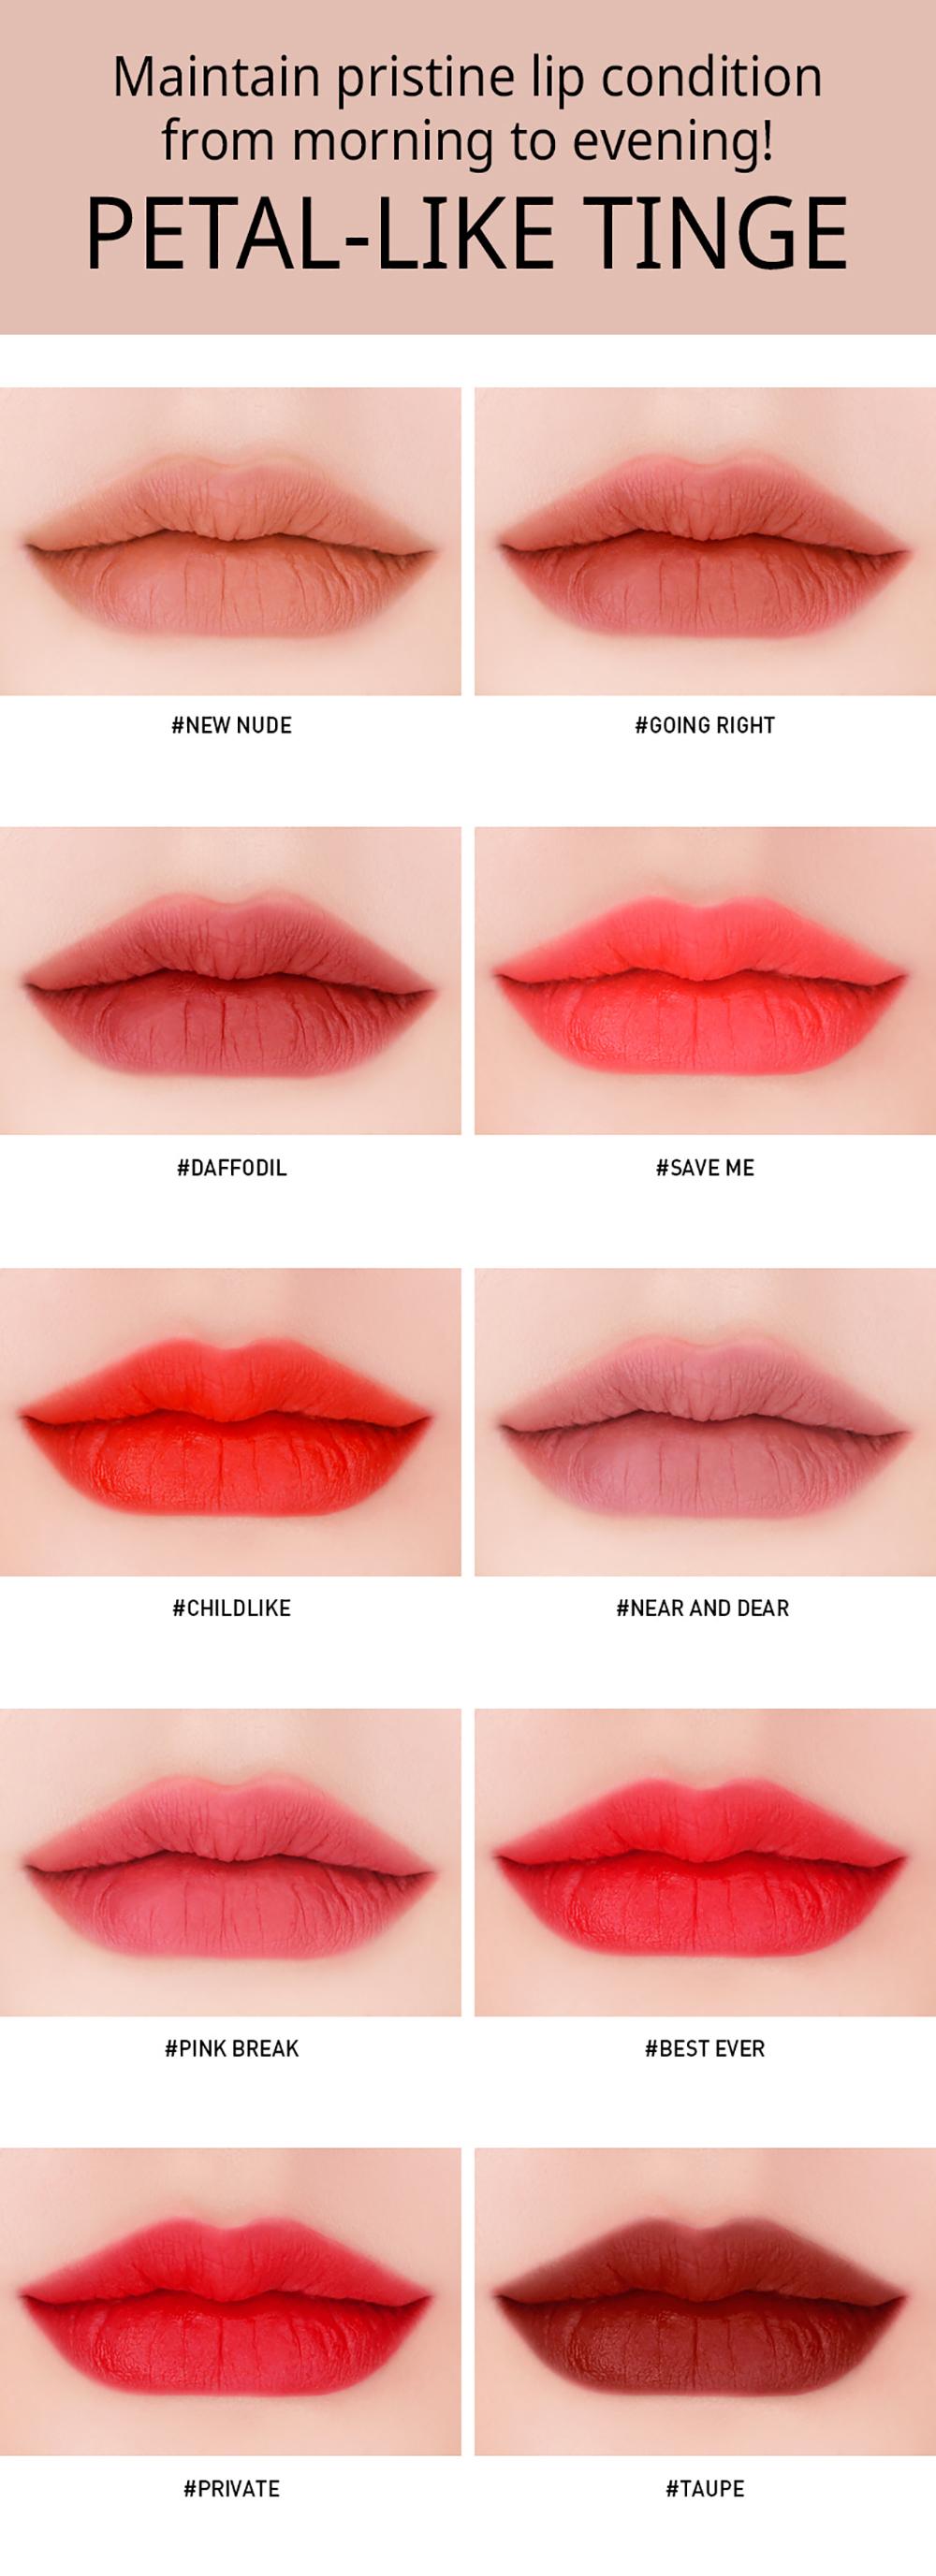 3CE Velvet Lip Tint #Daffodil_2